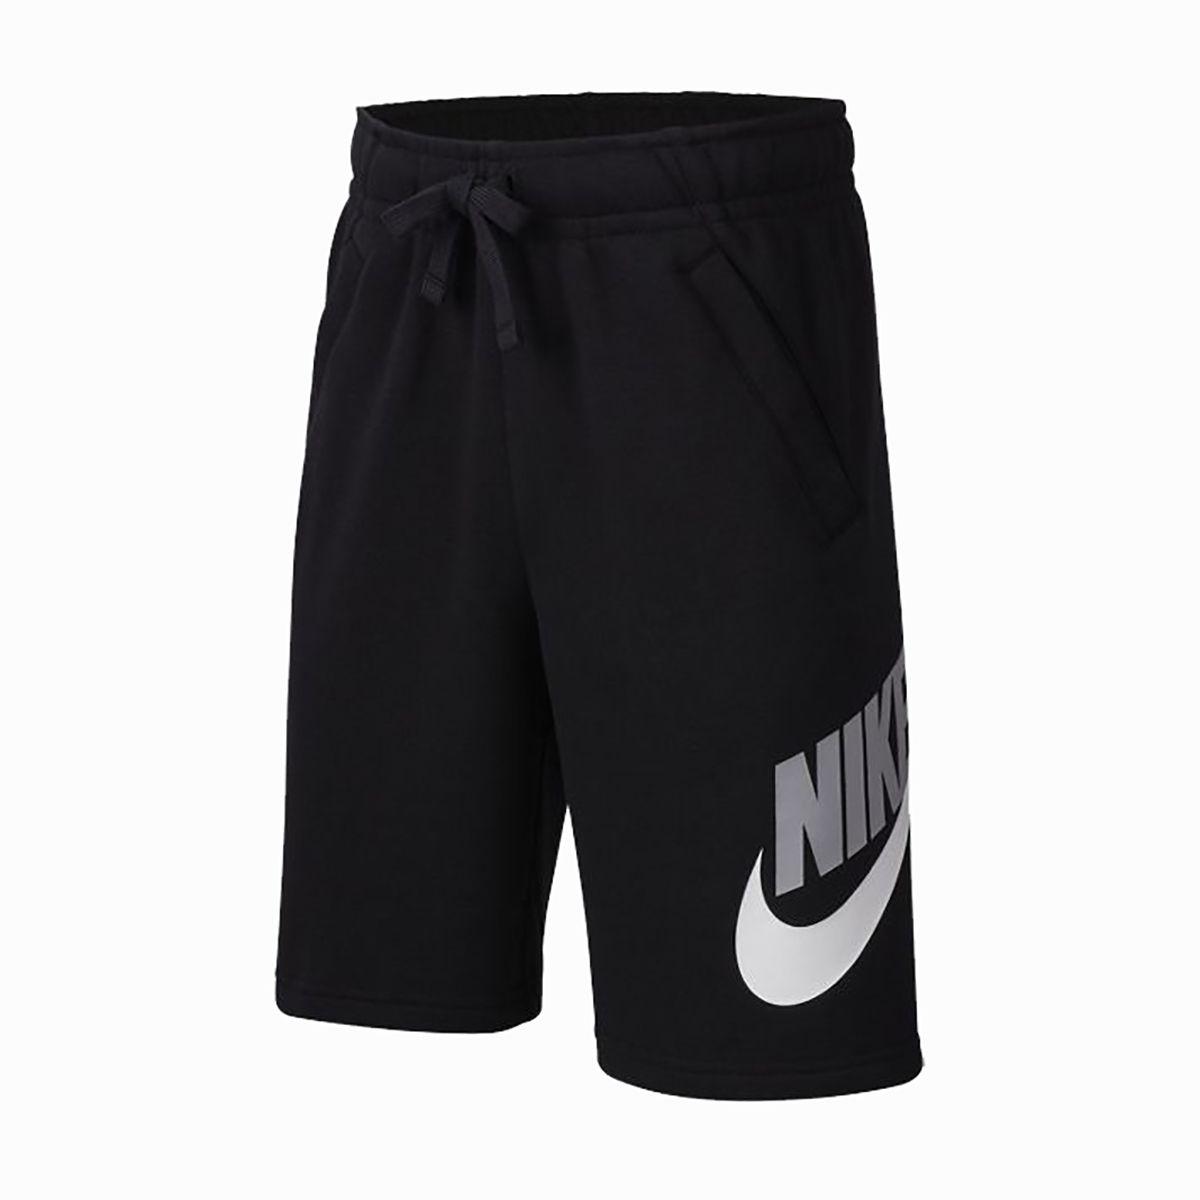 Nike Short Cotone Hbr Club Bambino Nero